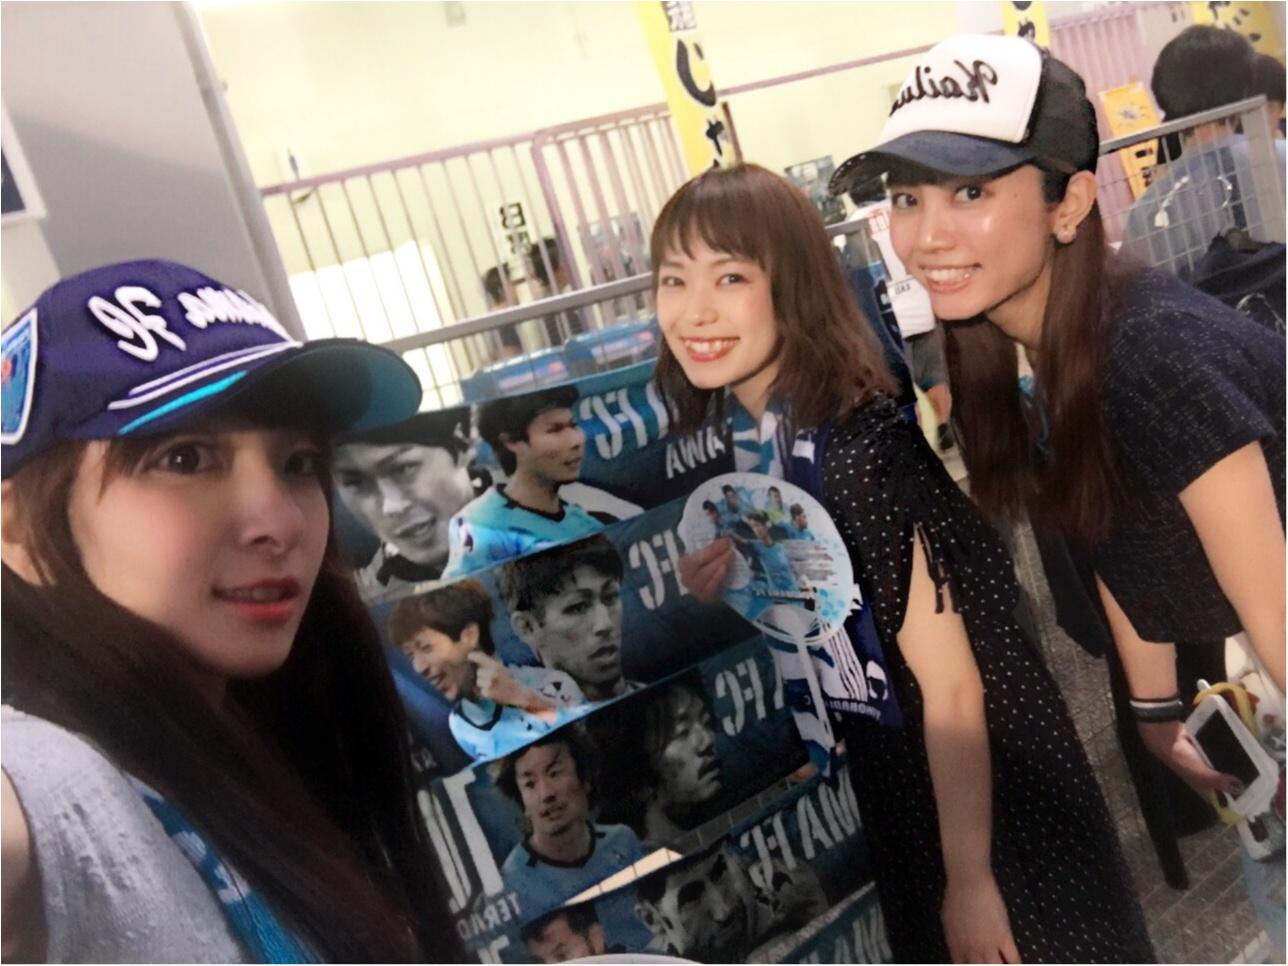 ♡サッカー観戦×モアハピ女子会(*>ω<*)‼︎【横浜FC】♡モアハピ◡̈のぞみ♡_8